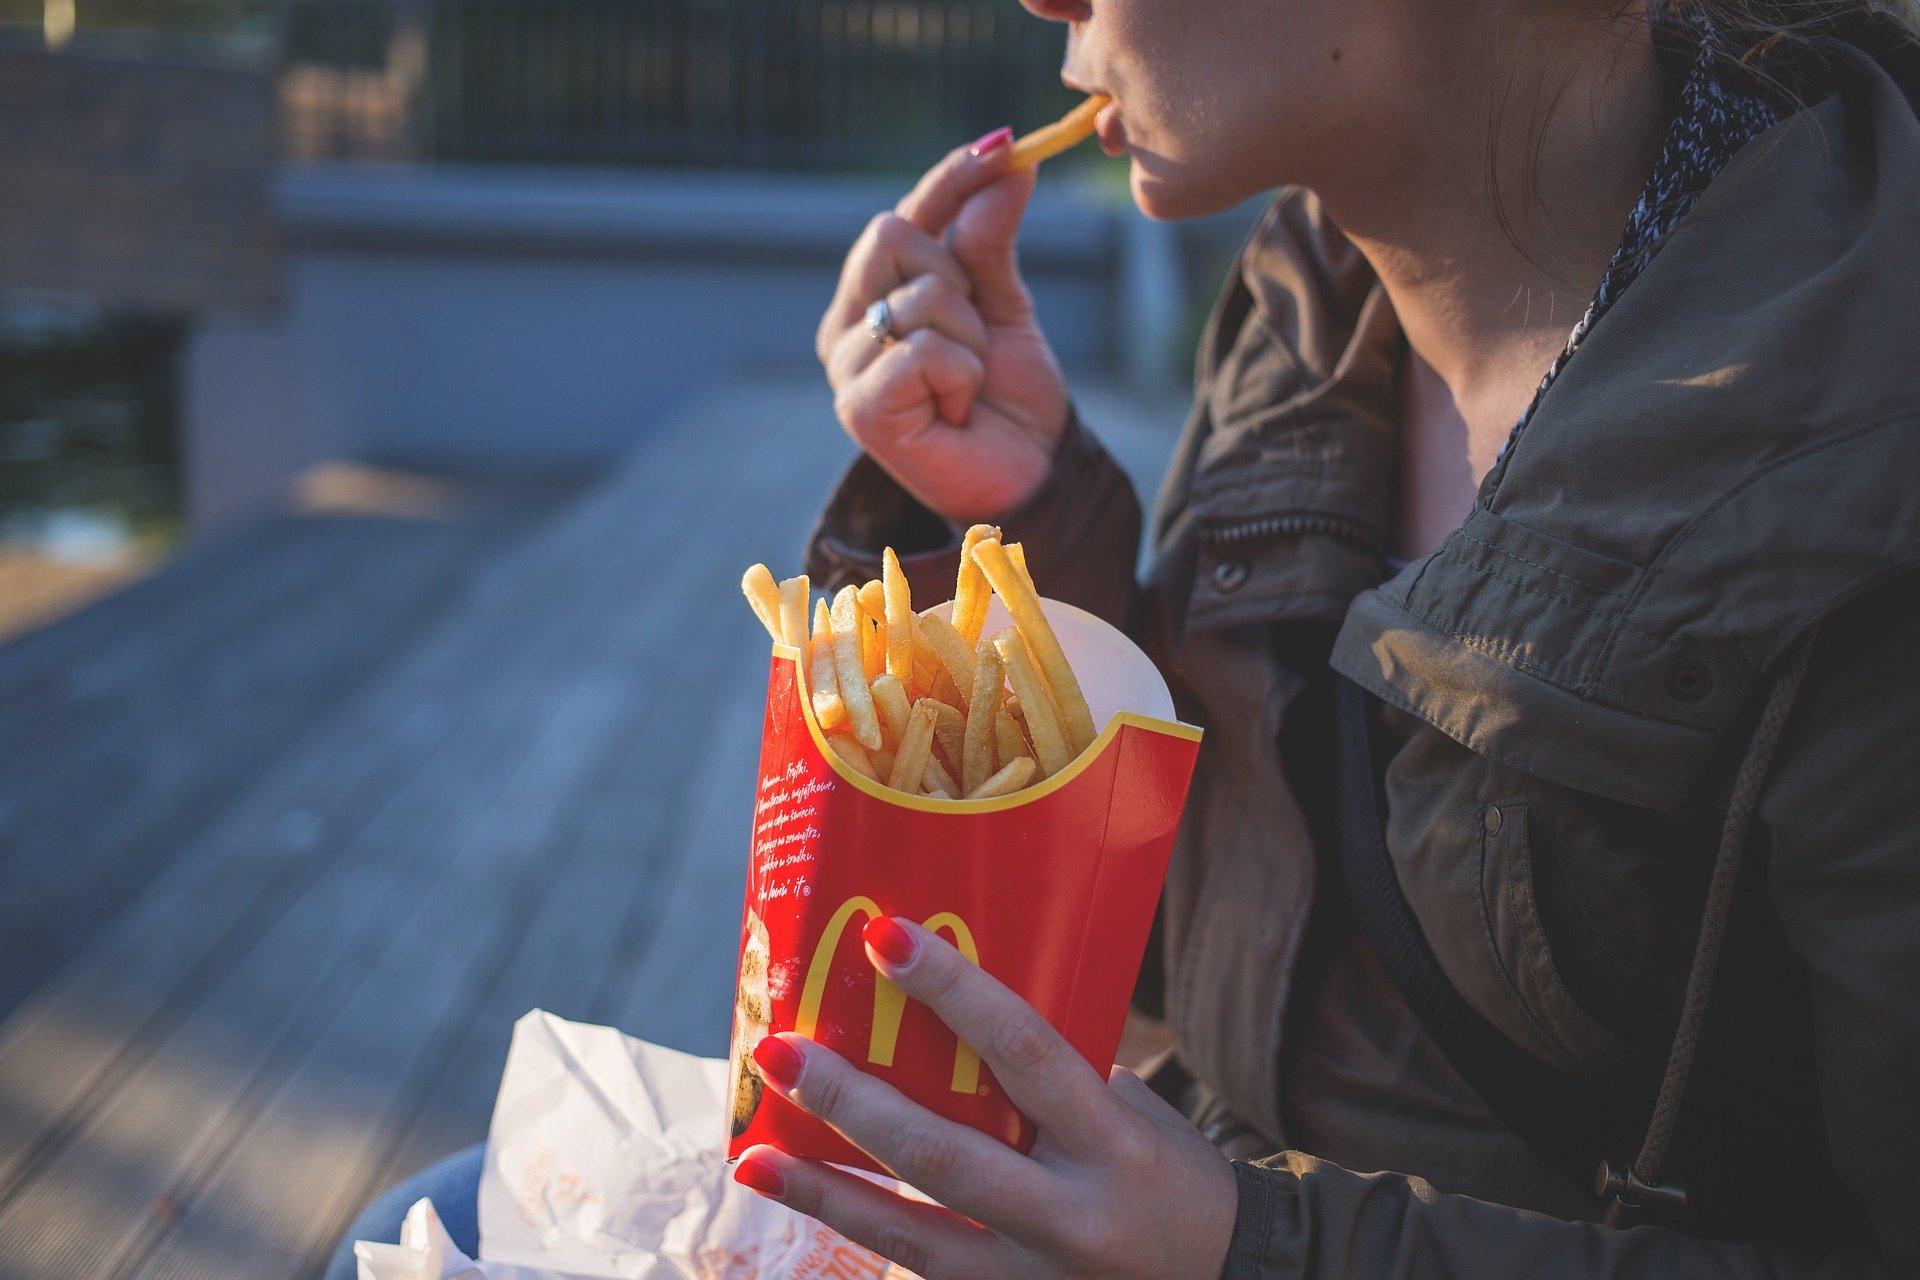 Vemos uma mulher de blusa de frio escura, segurando um pacote do McDonald's enquanto come uma batata frita (imagem ilustrativa). Texto: franquia do mcdonald's.